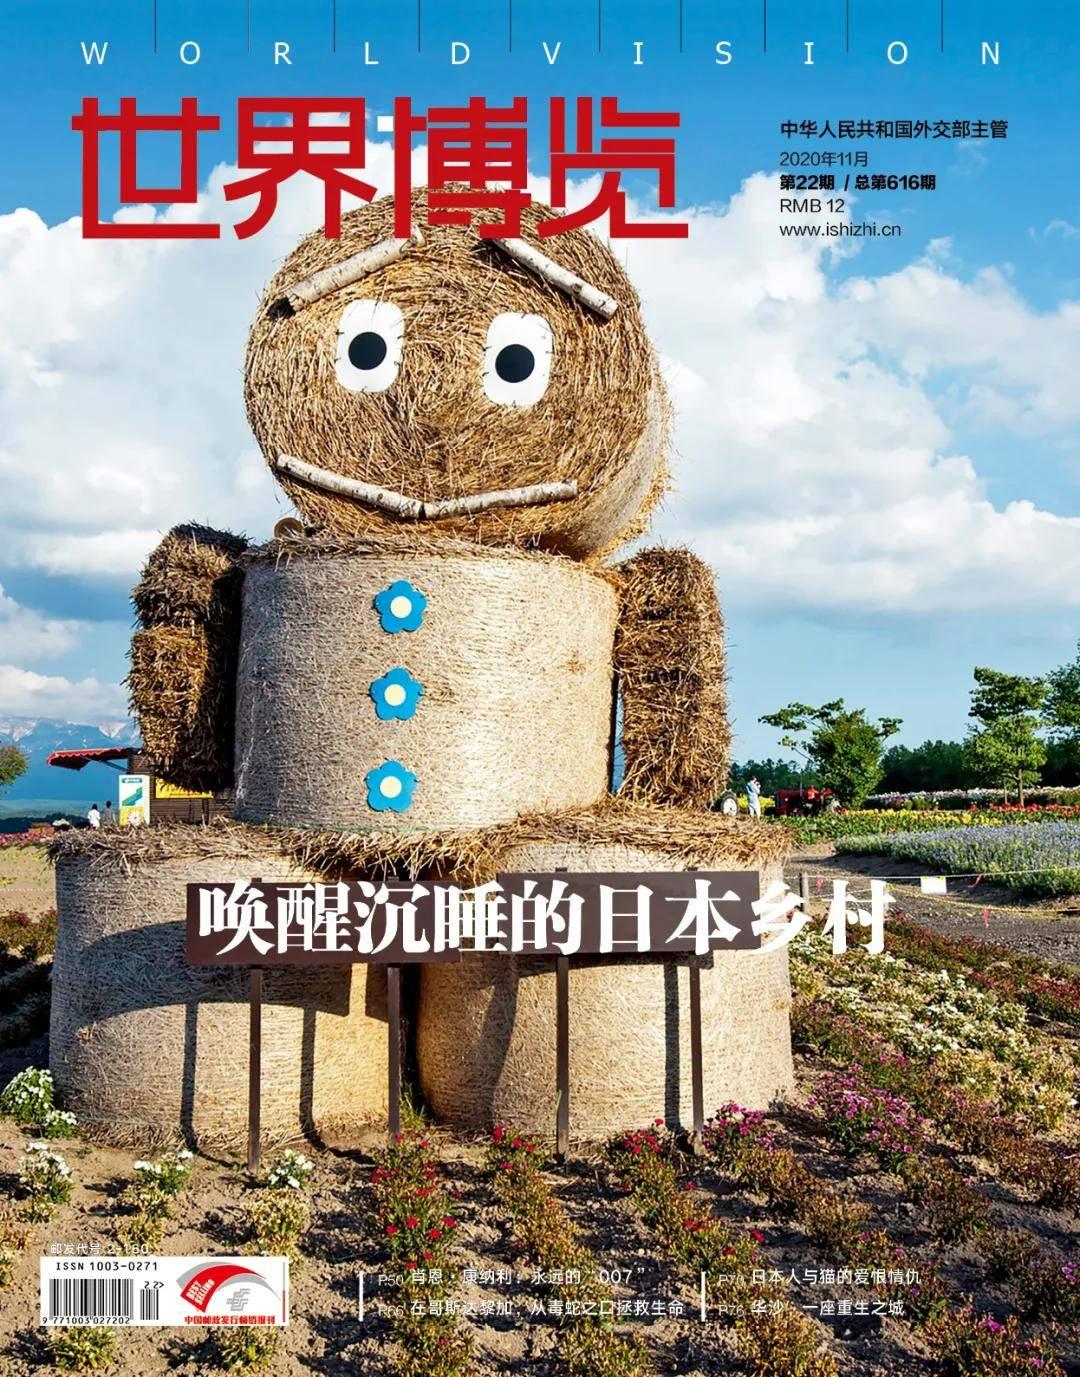 日本新潟,成功用艺术实现了乡村复兴梦